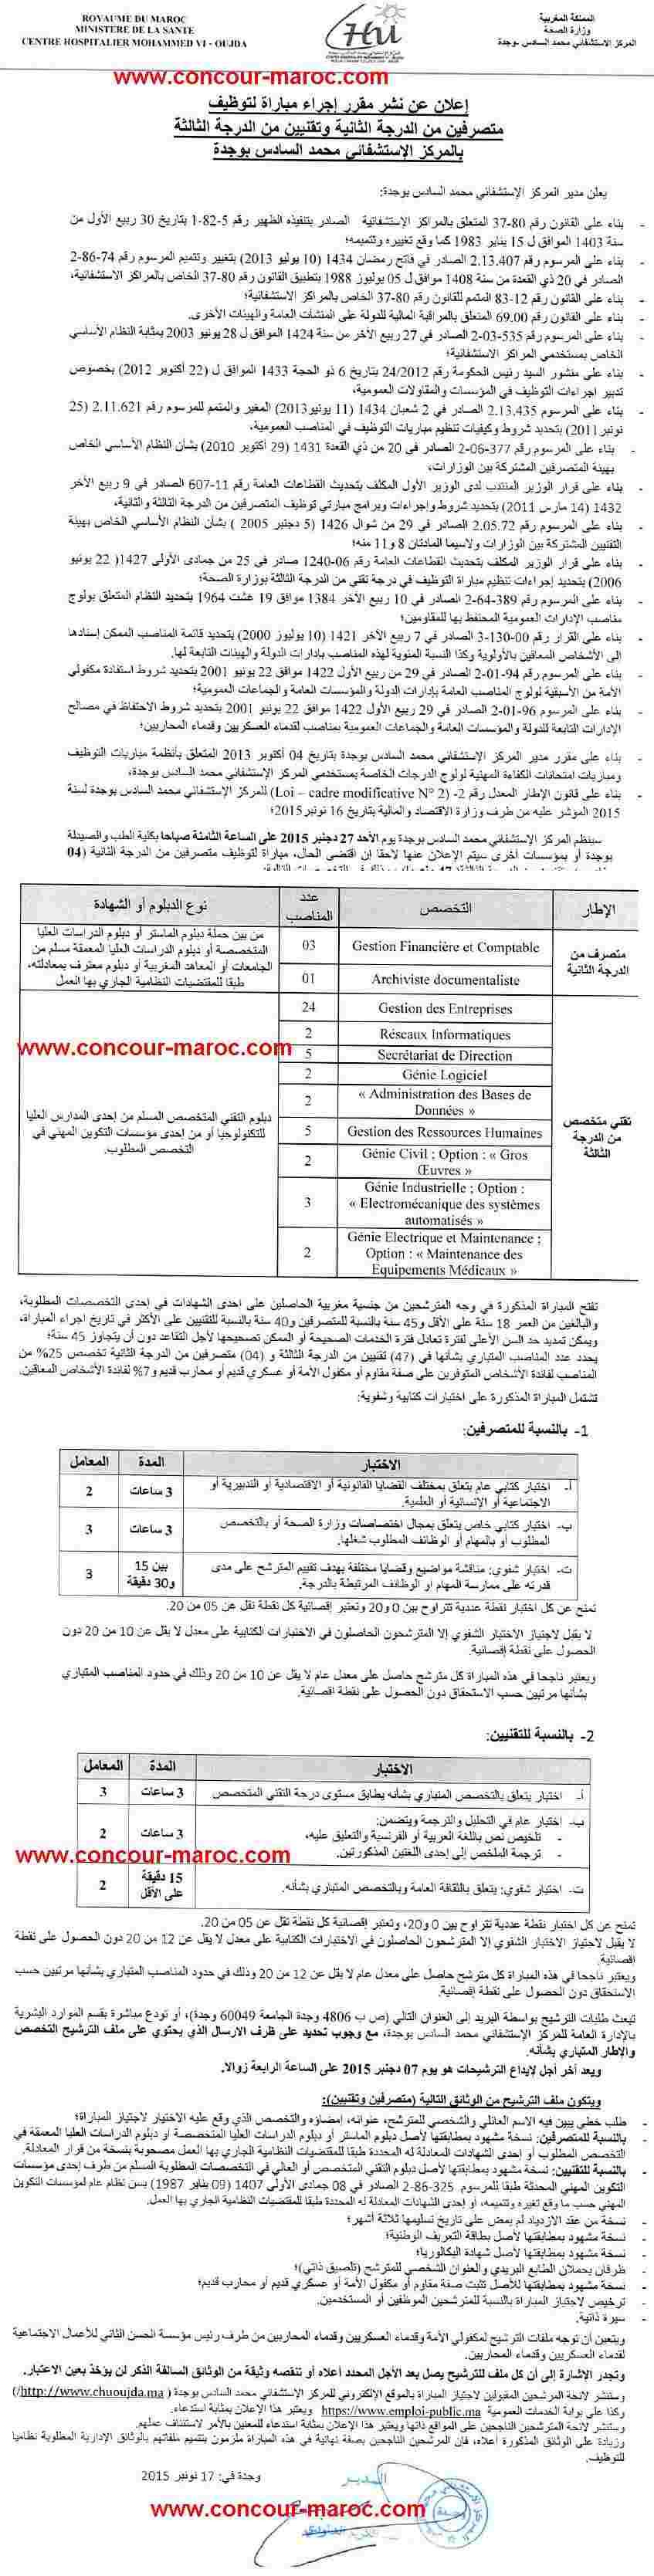 المركز الاستشفائي محمد السادس بوجدة : مباراة لتوظيف تقني من الدرجة الثالثة (47 منصب) و متصرف من الدرجة الثانية (4 مناصب) آخر أجل لإيداع الترشيحات 7 دجنبر 2015 Concou22